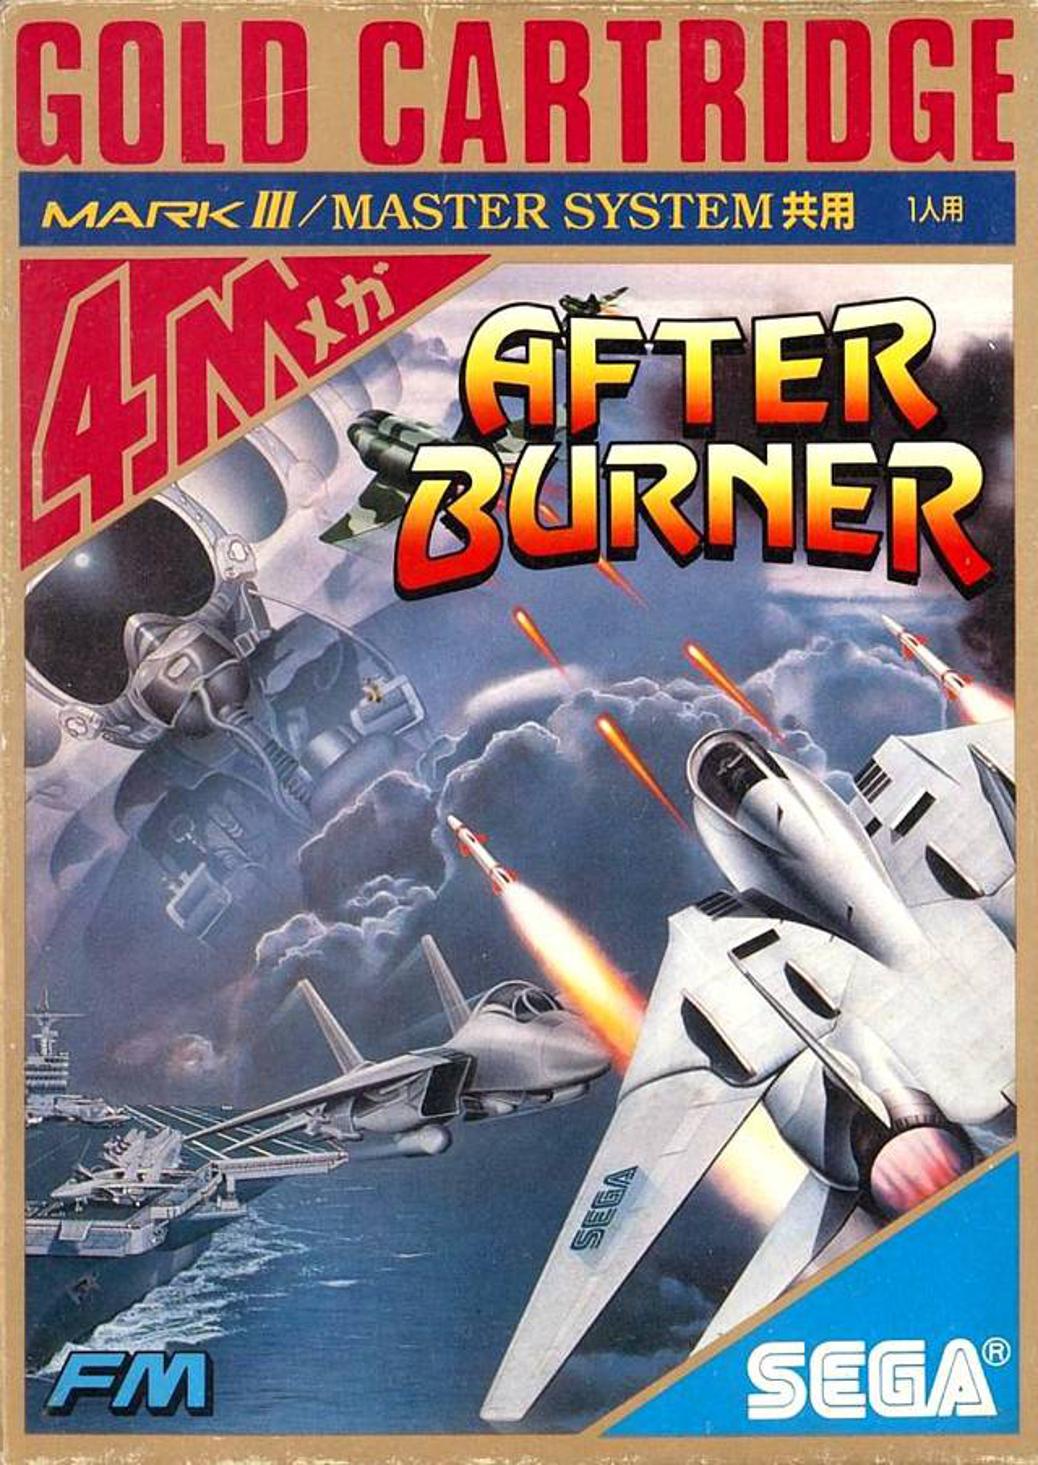 After Burner - Japanese Sega Master System Box Art